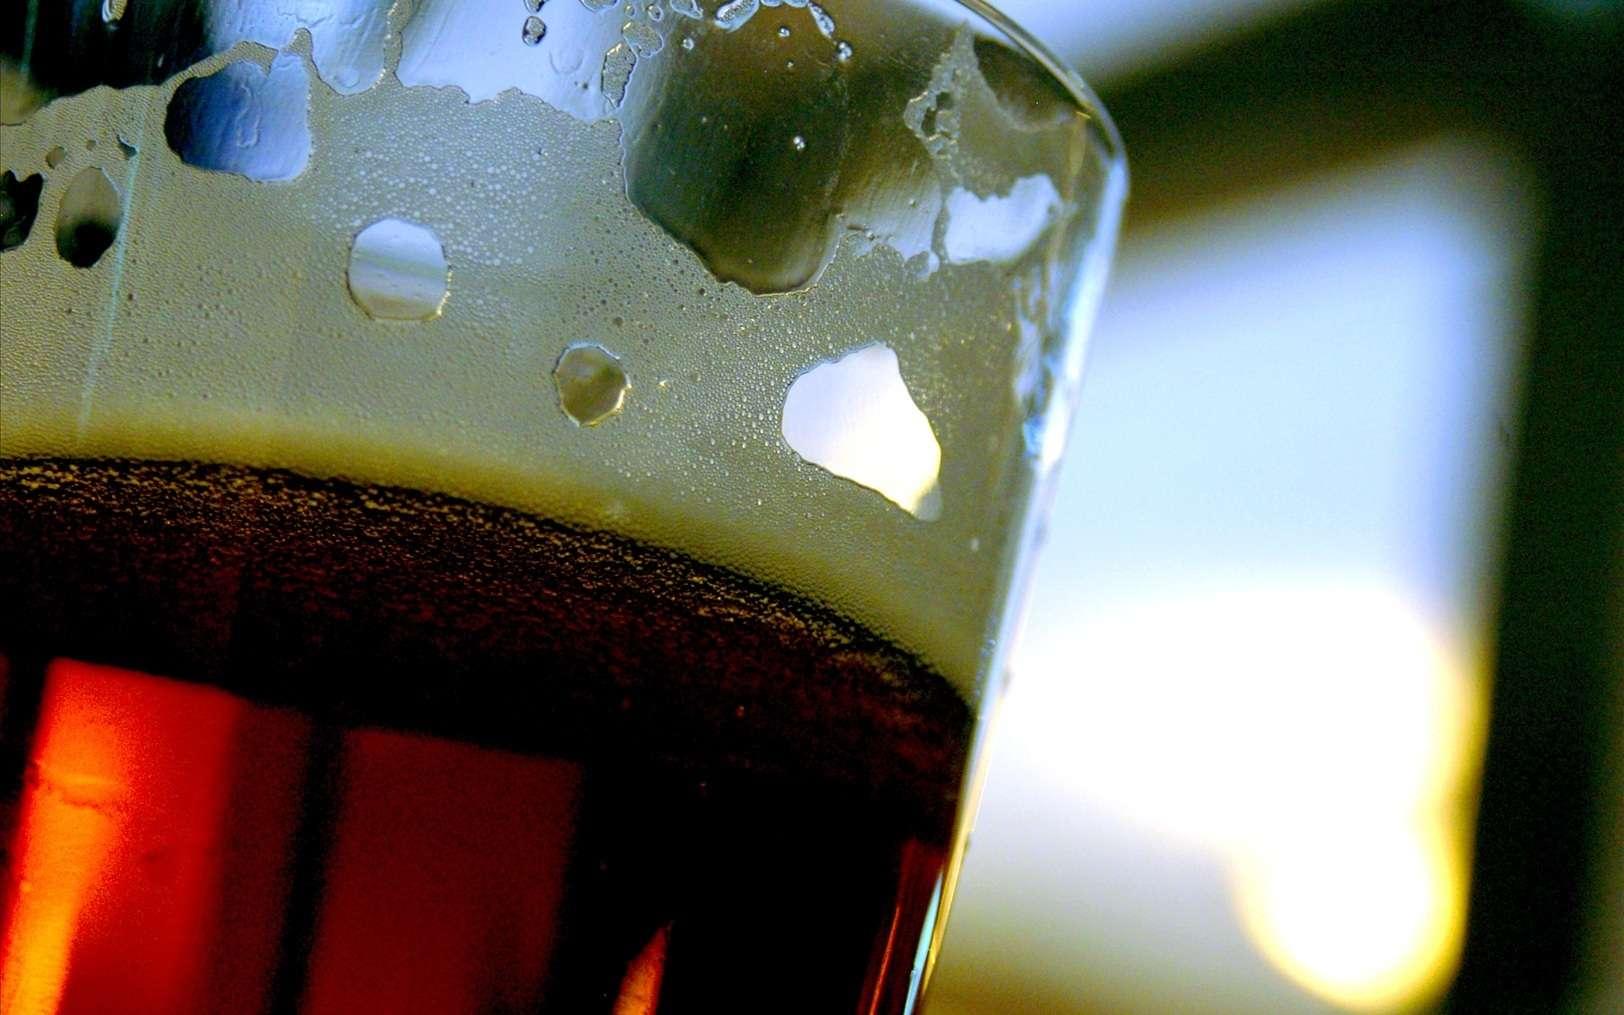 La bière est une boisson ancestrale que l'on retrouve aux quatre coins du monde. Comme le vin rouge qui prolongerait l'espérance de vie, peut-elle nous aider à combattre des maladies, comme le diabète ou le cancer ? © mjafardo, Fotopédia, cc by nc nd 2.0